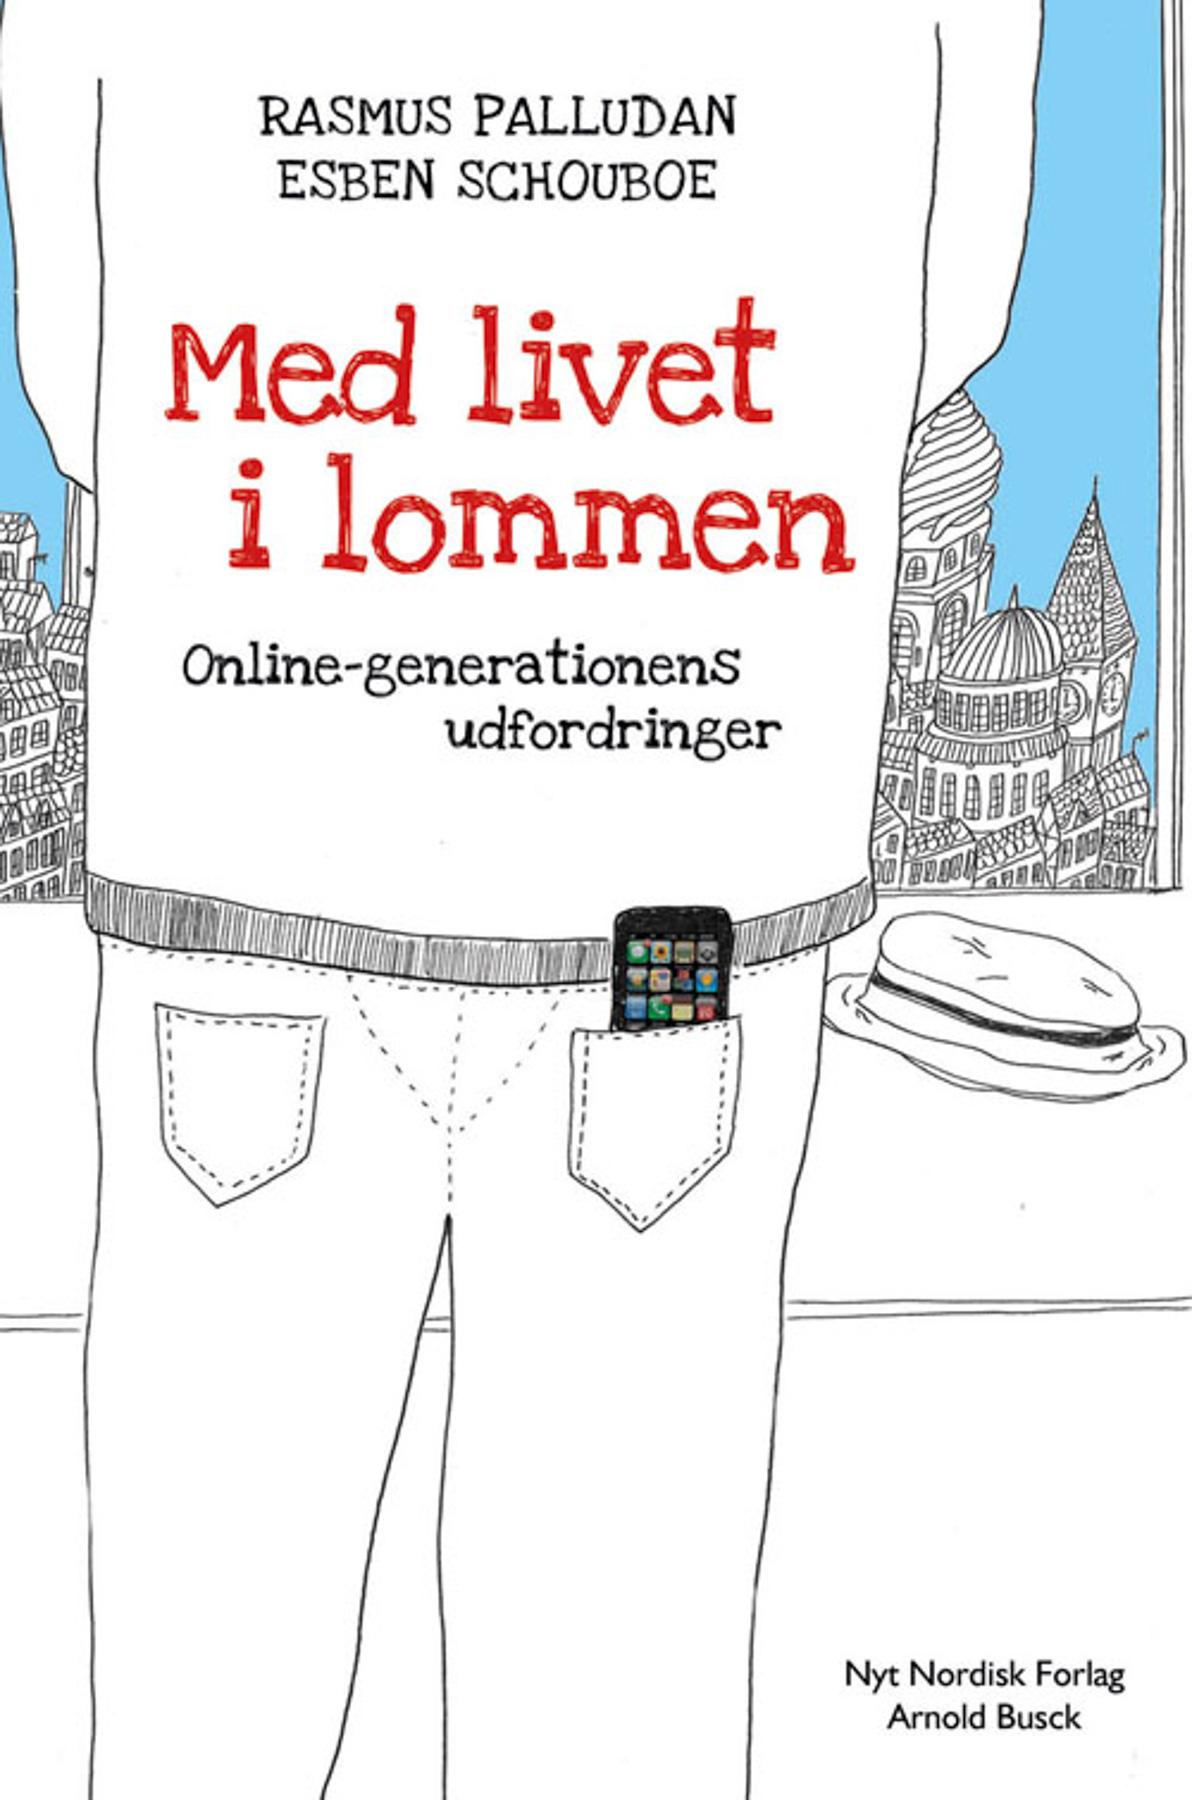 """""""MedLivet ILommen"""", RasmusPalludan & Esben Schouboe, 2012"""